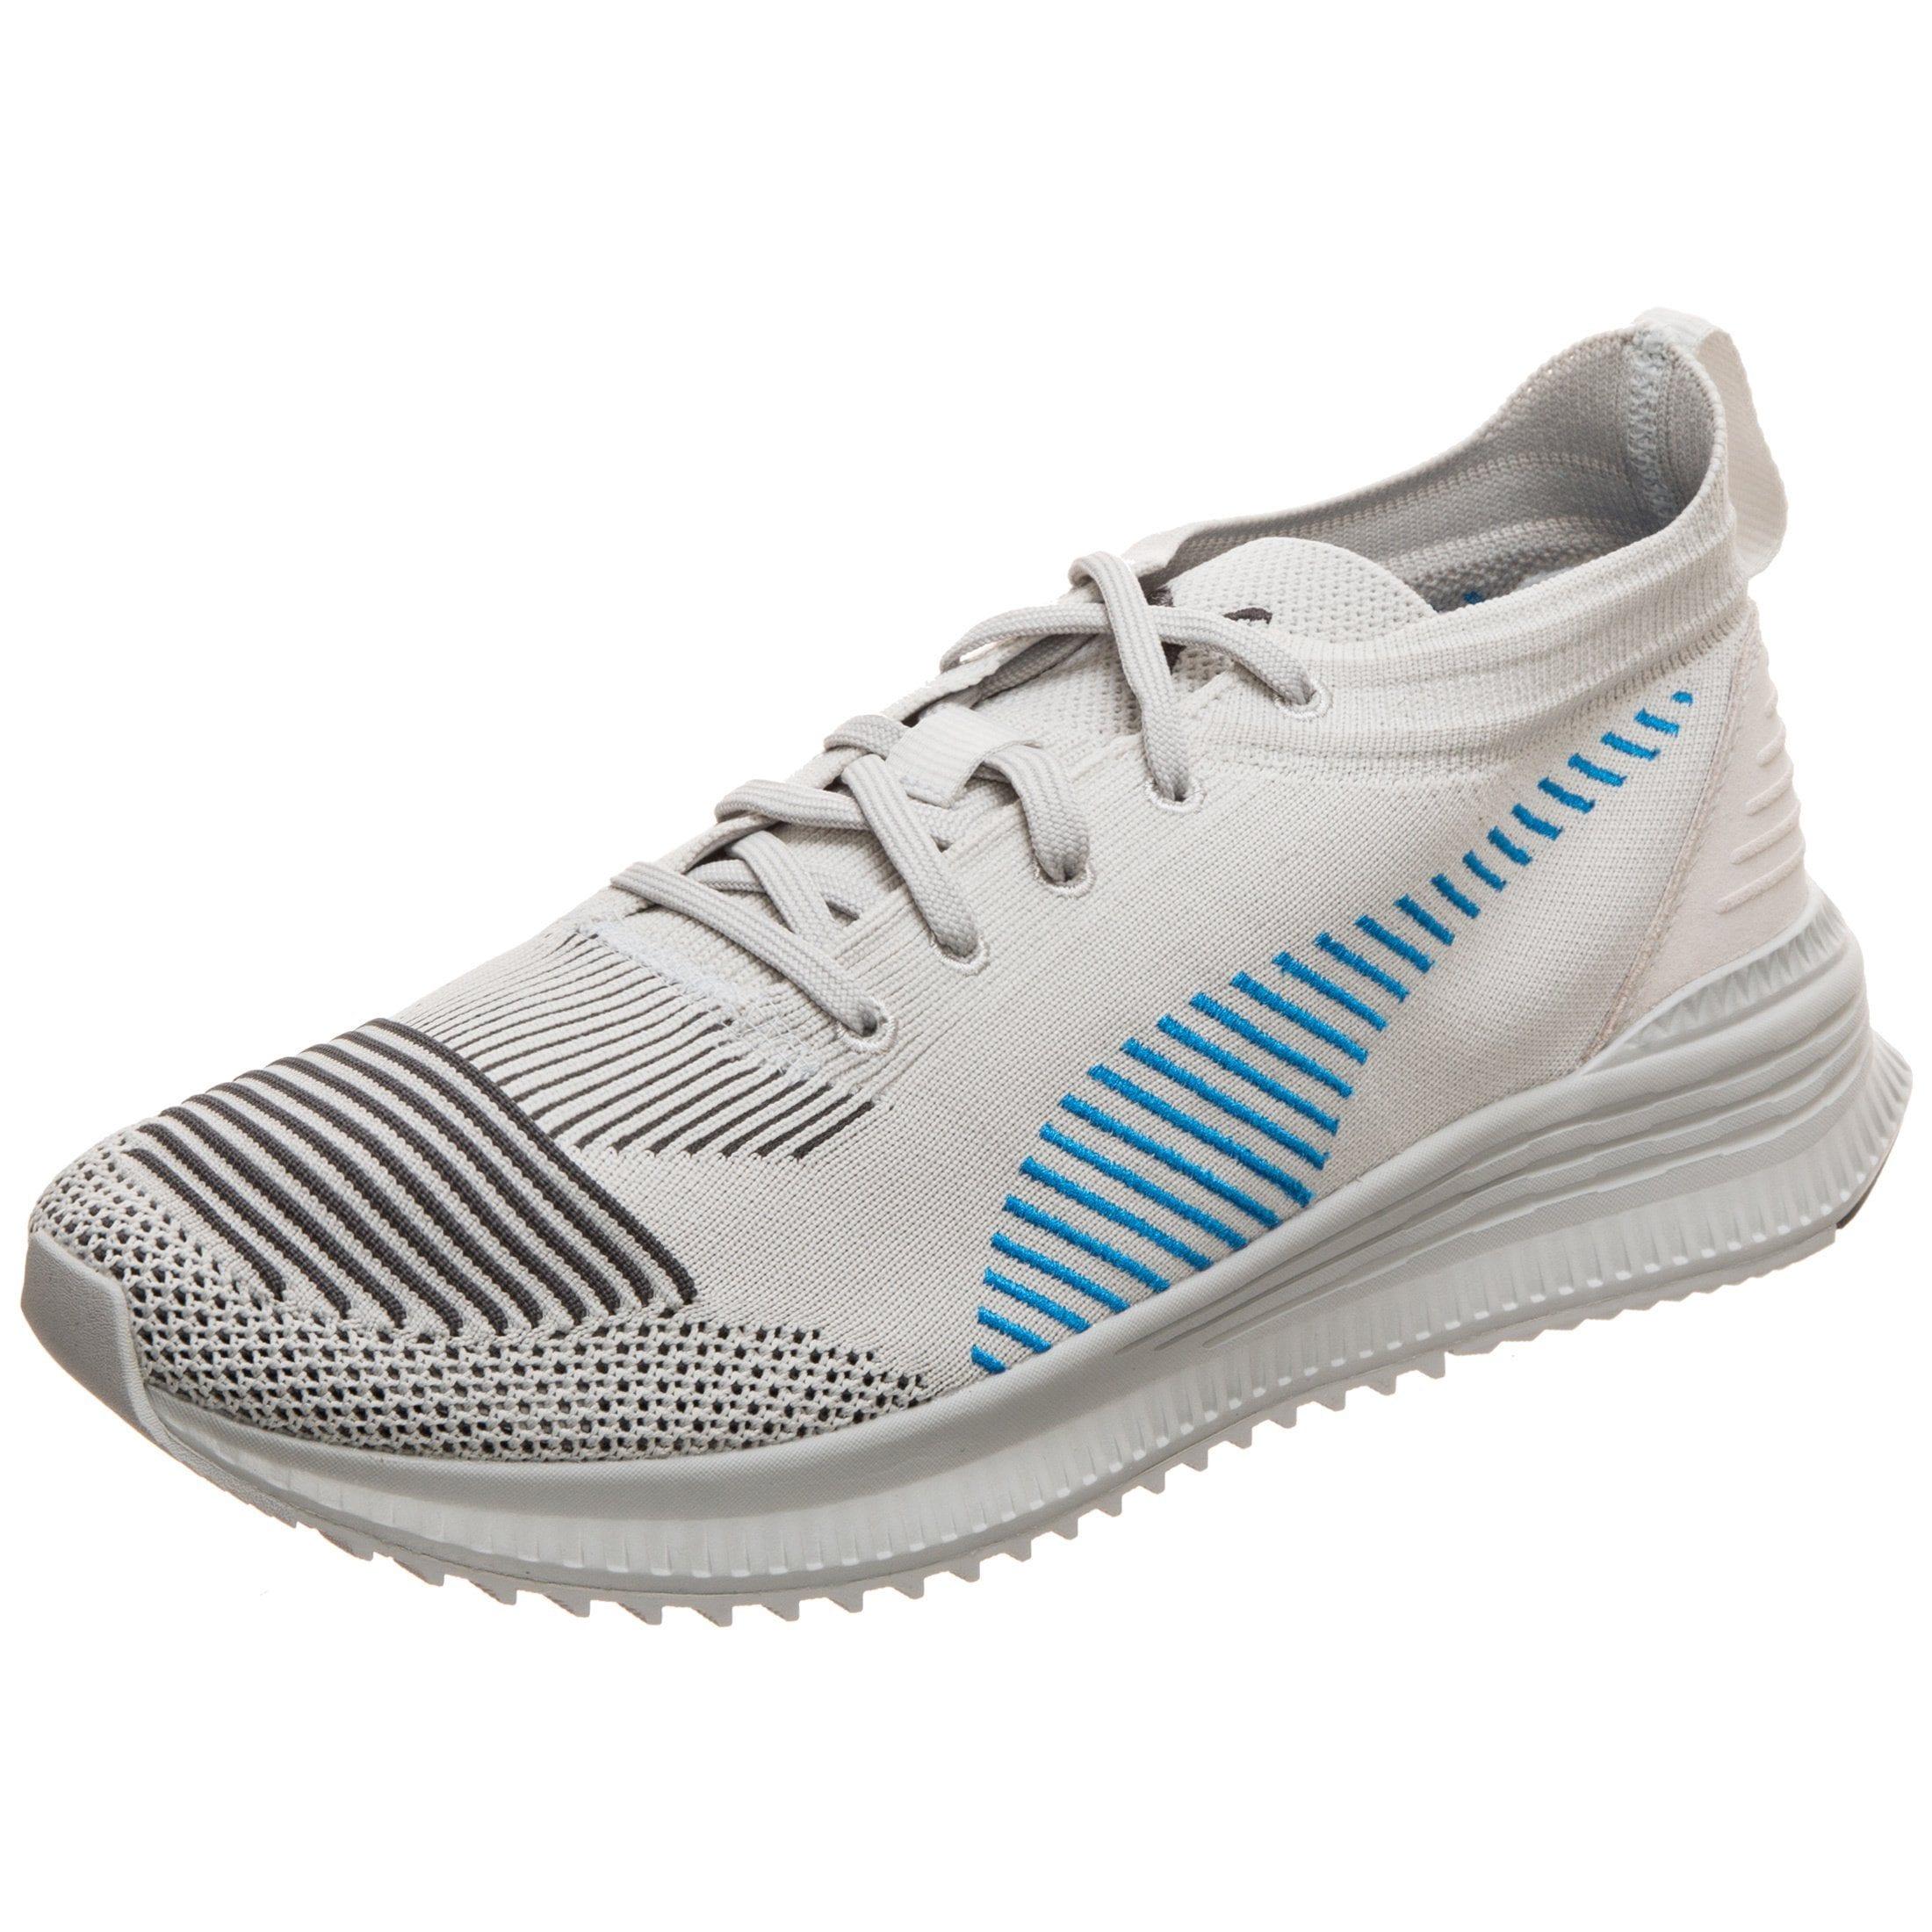 PUMA Sneaker Avid Nu Knit Herren Sneaker   Schuhe > Sneaker > Sneaker low   Grau   Puma